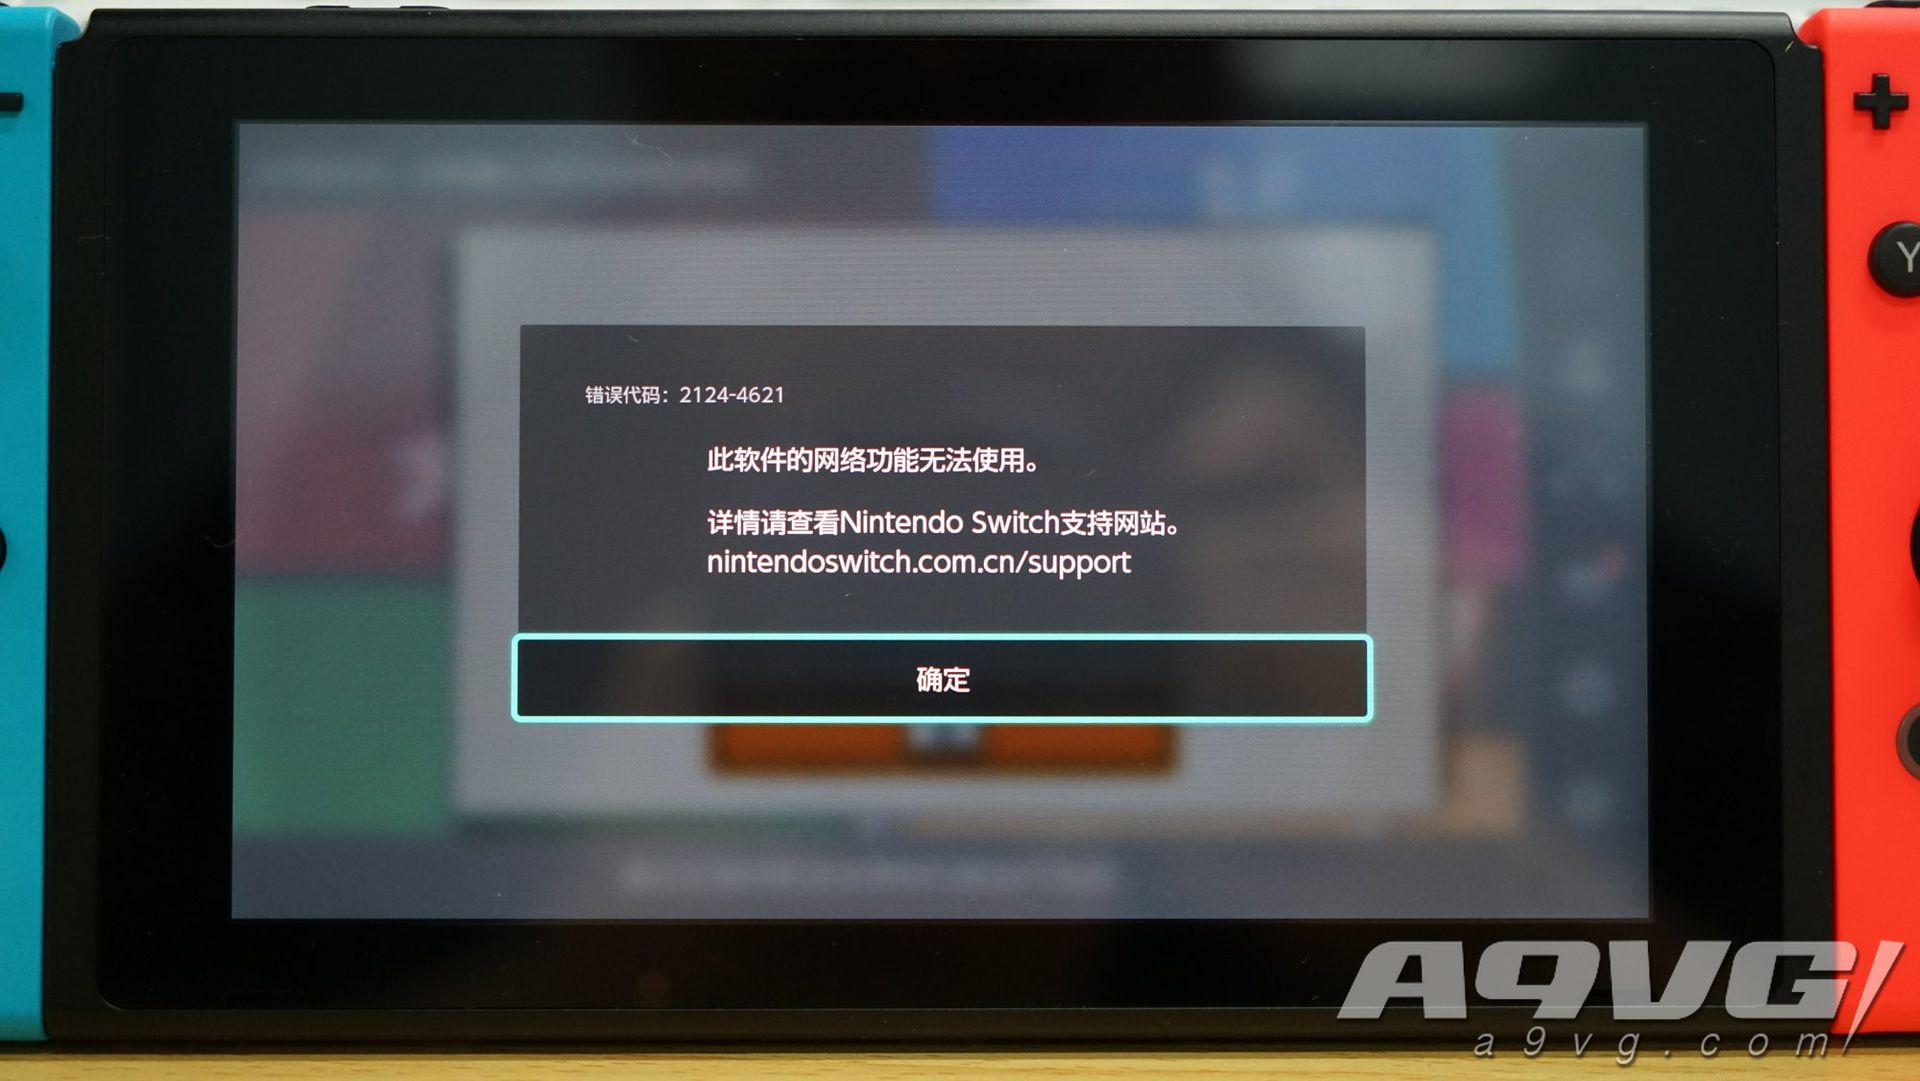 中國版無法進行連線對戰。(圖源:A9VG)